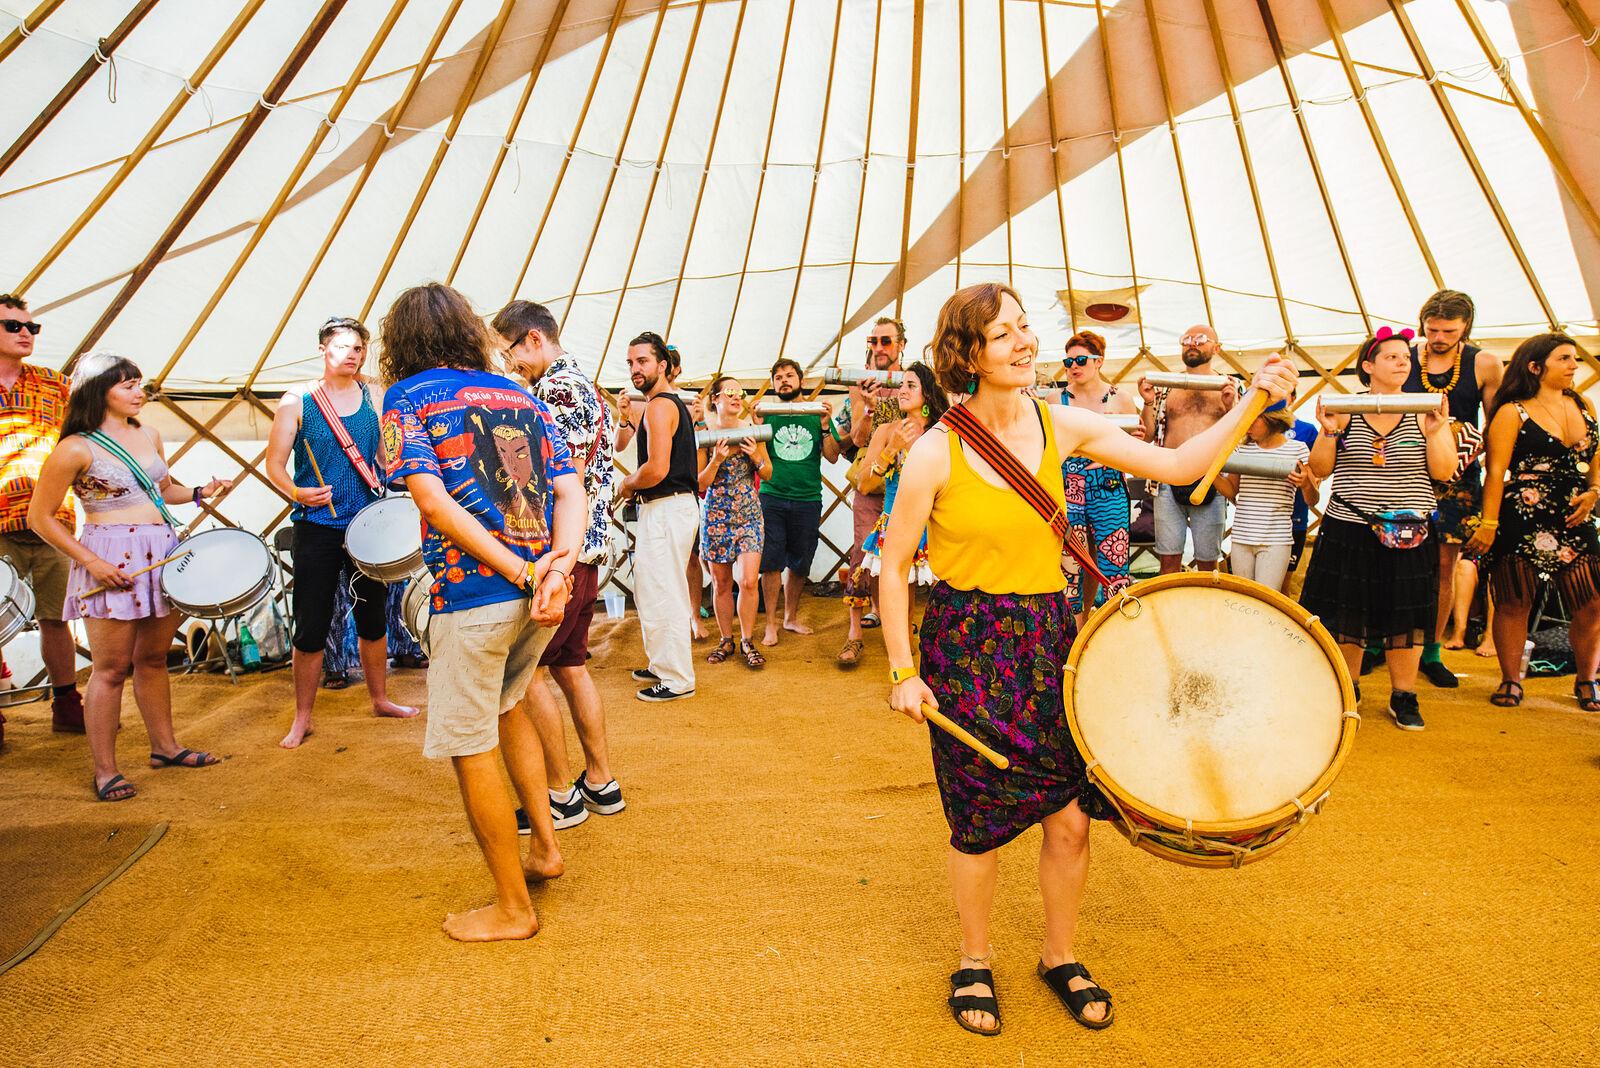 Melody Yurt